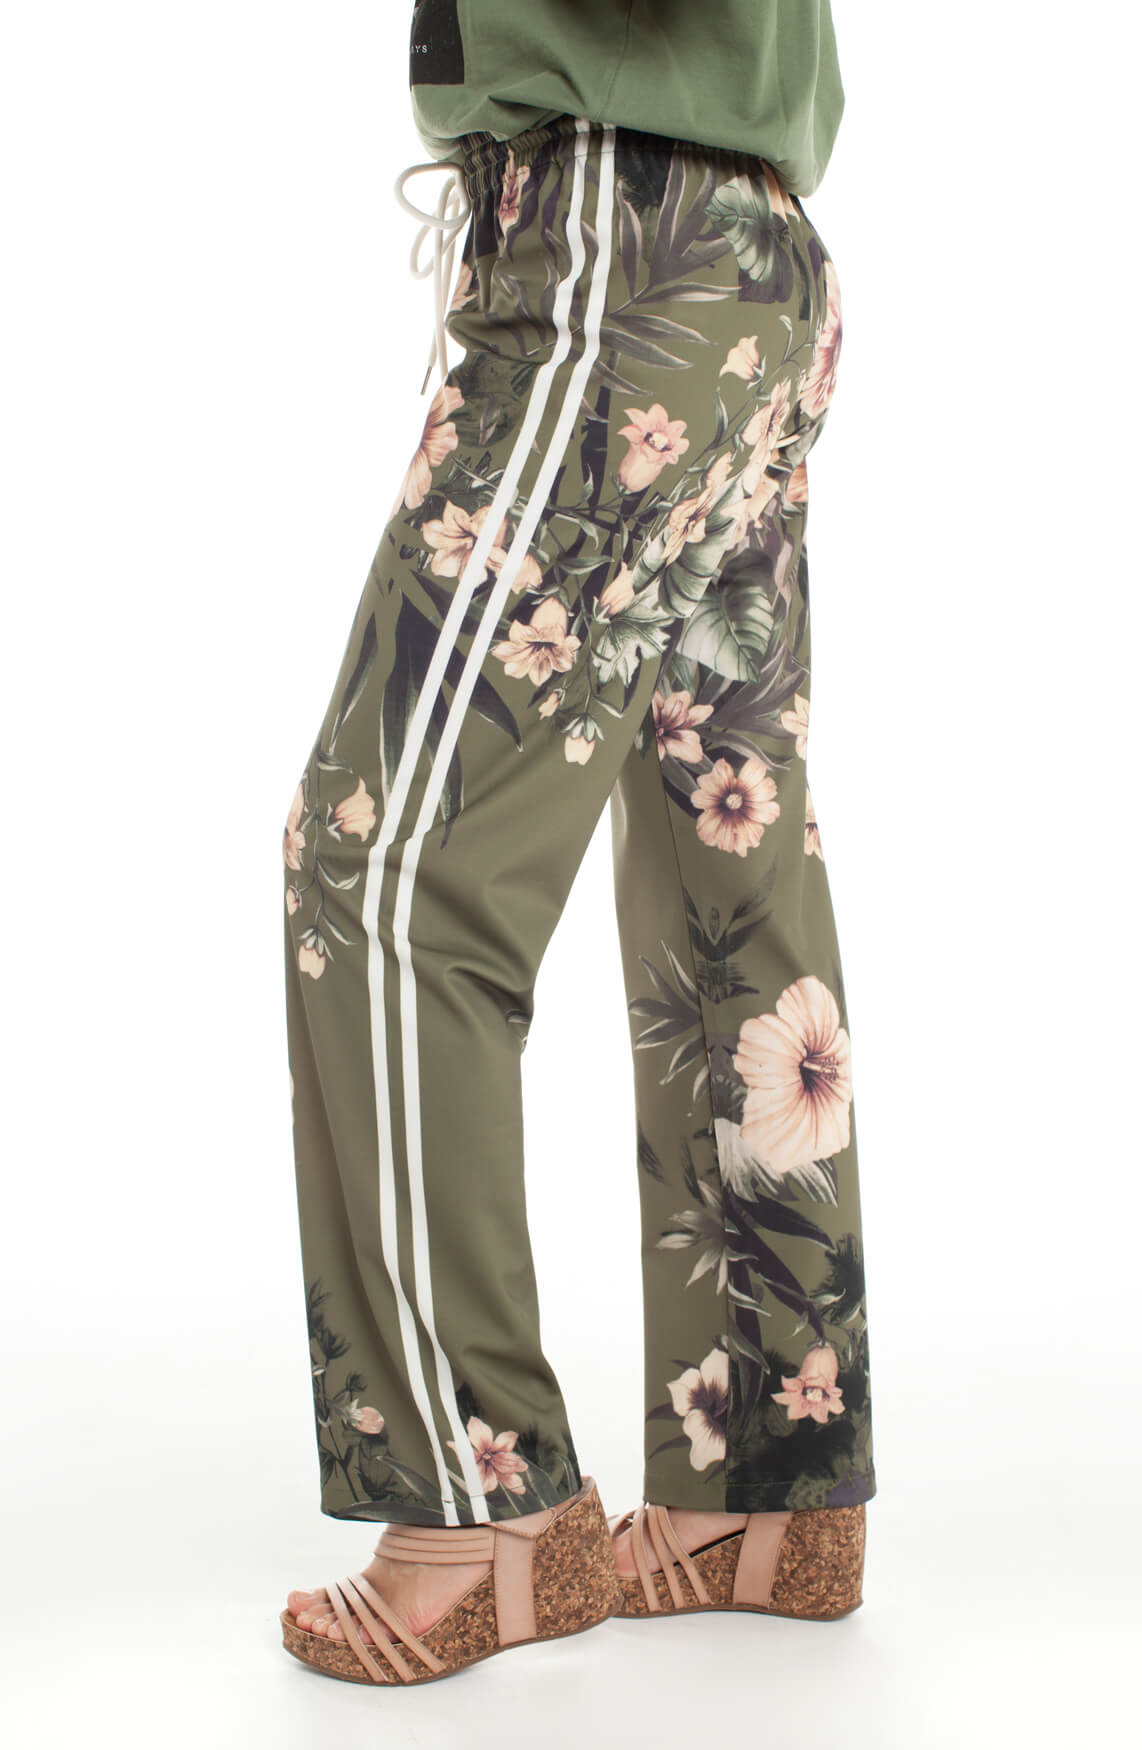 Kocca Dames Jamie gebloemde broek groen